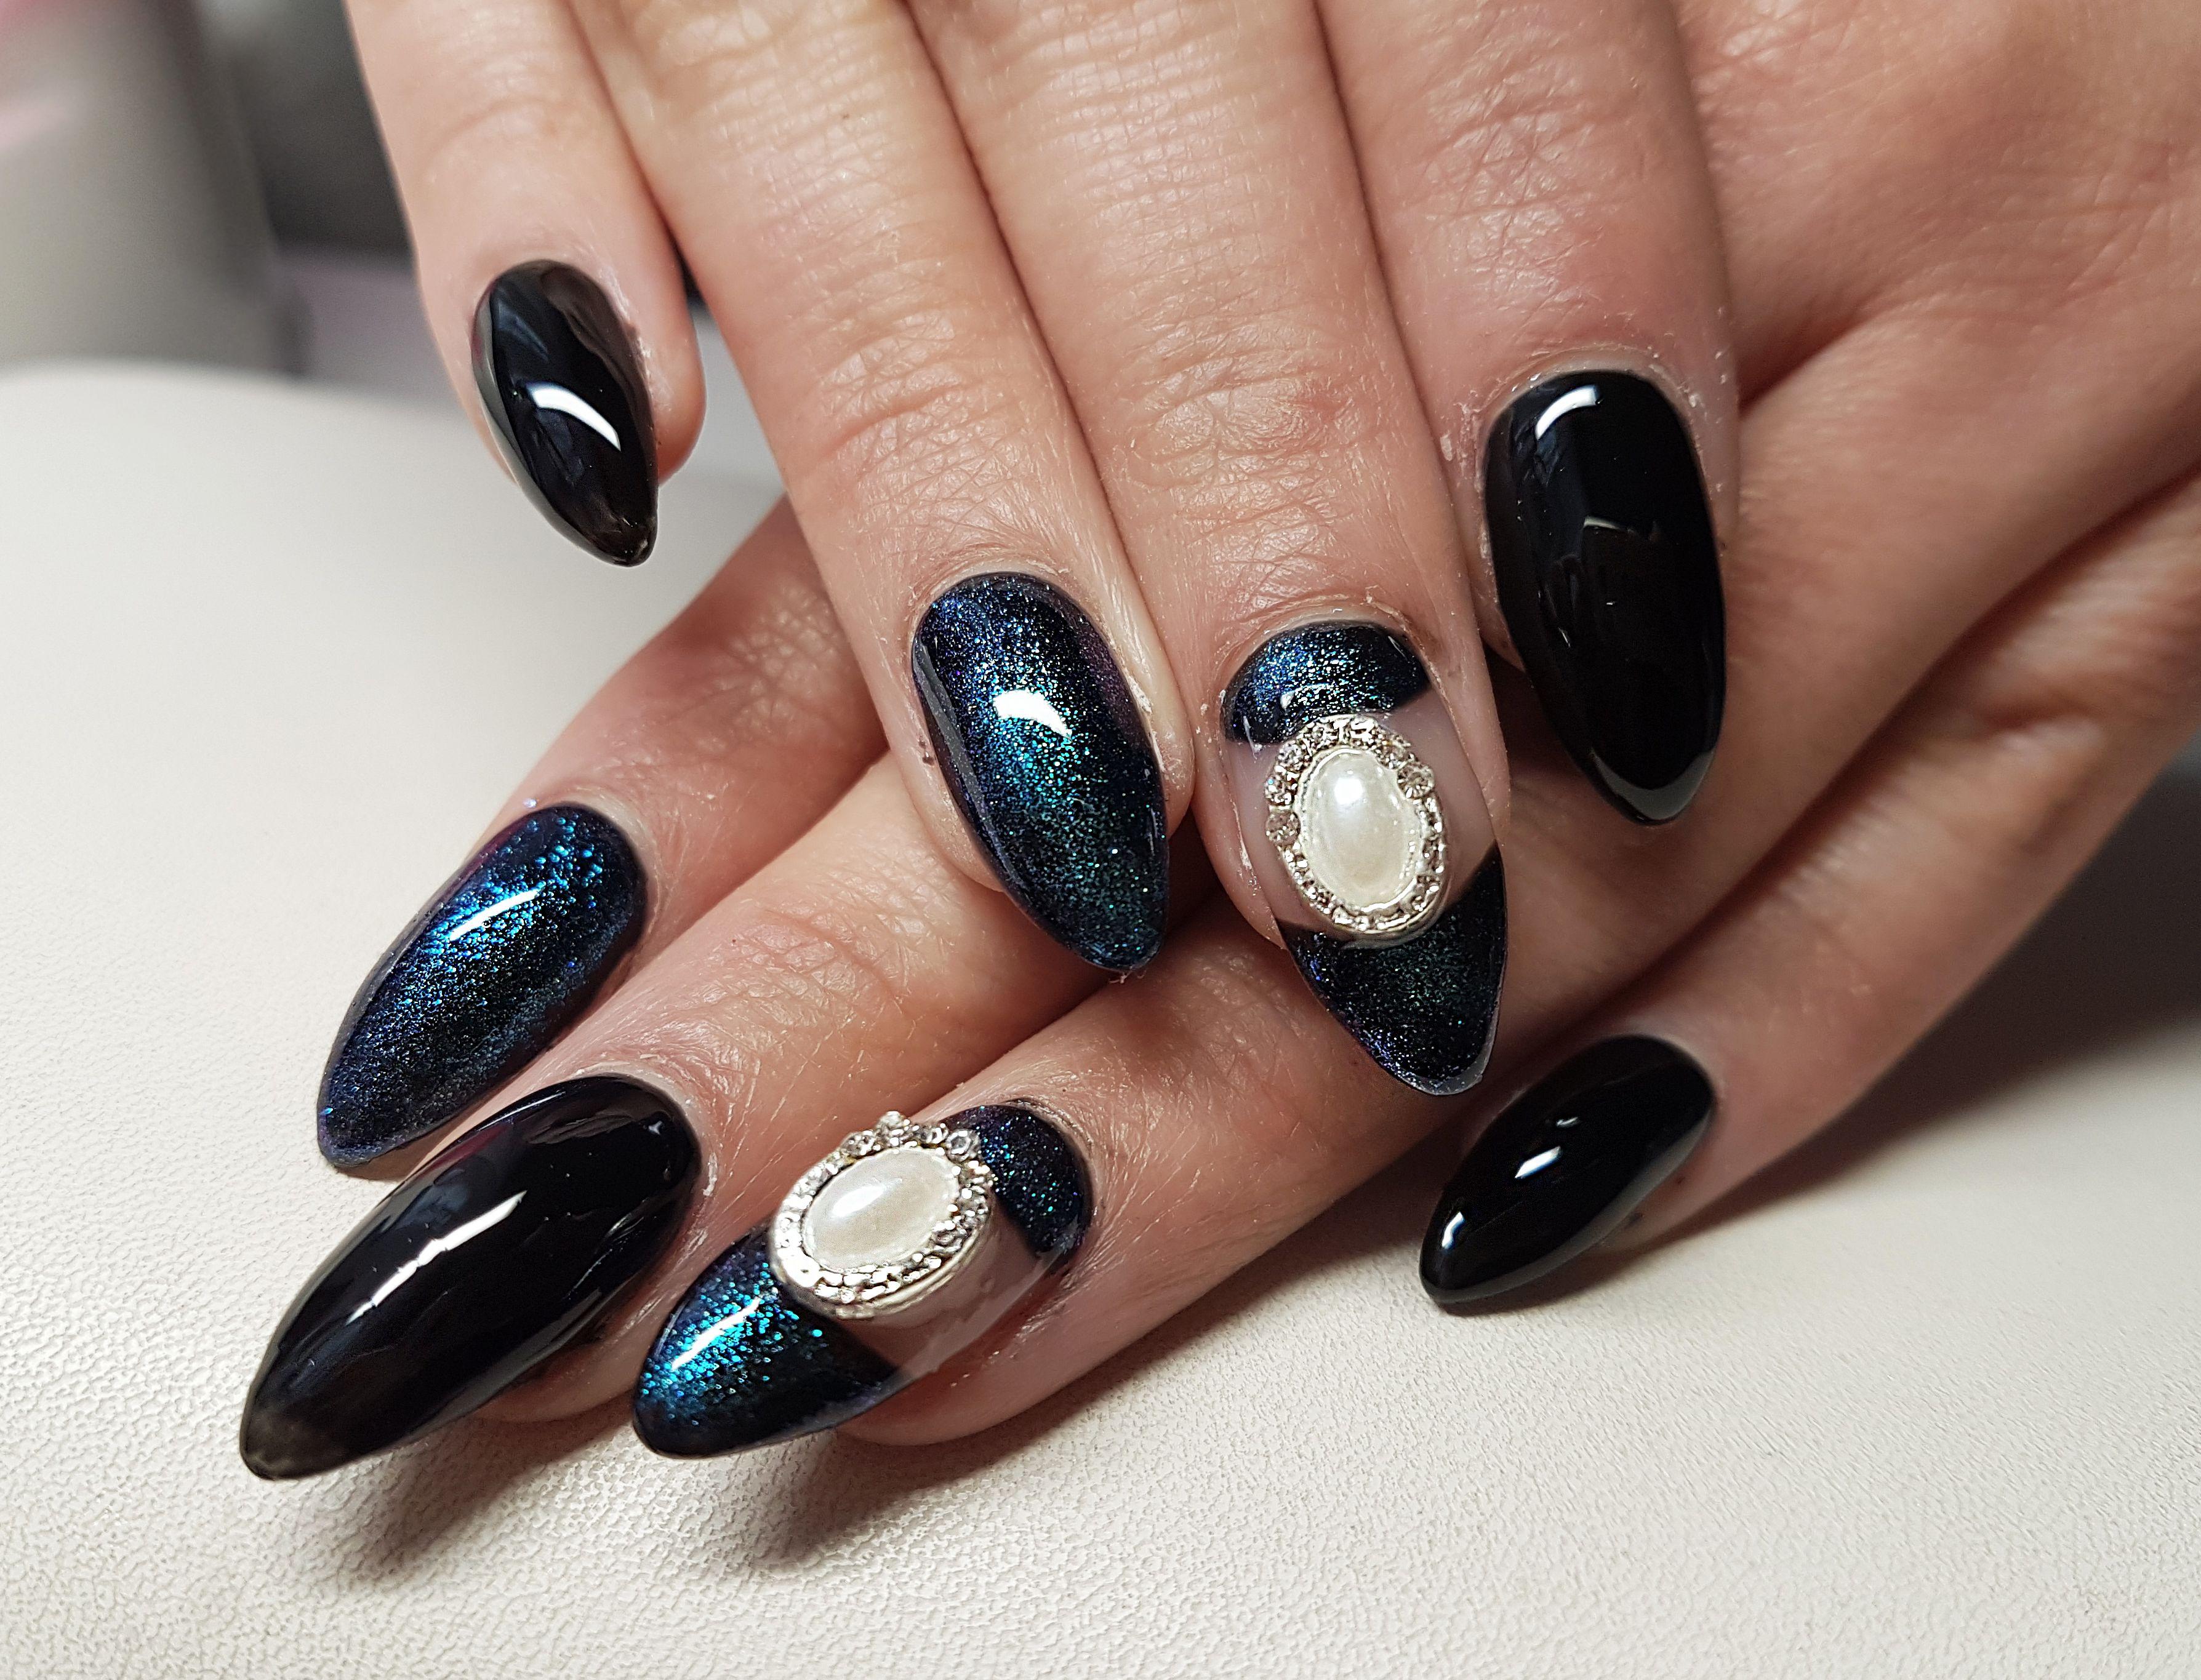 dark blue nails | My nails | Pinterest | Dark blue nails and Blue nails